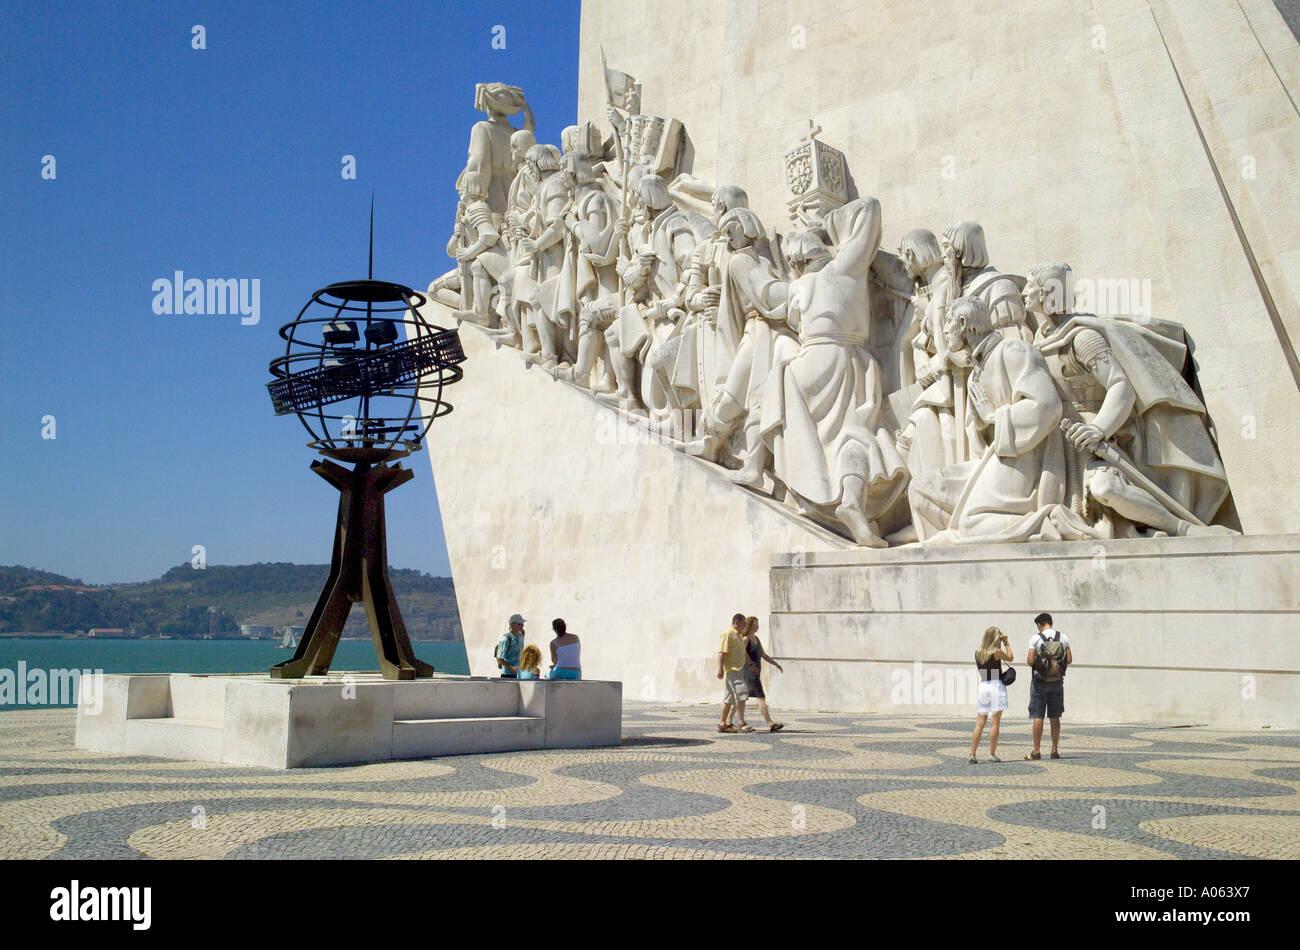 Lisbon, Monument To The Discoveries ( Padrão dos Descobrimentos ) - Stock Image